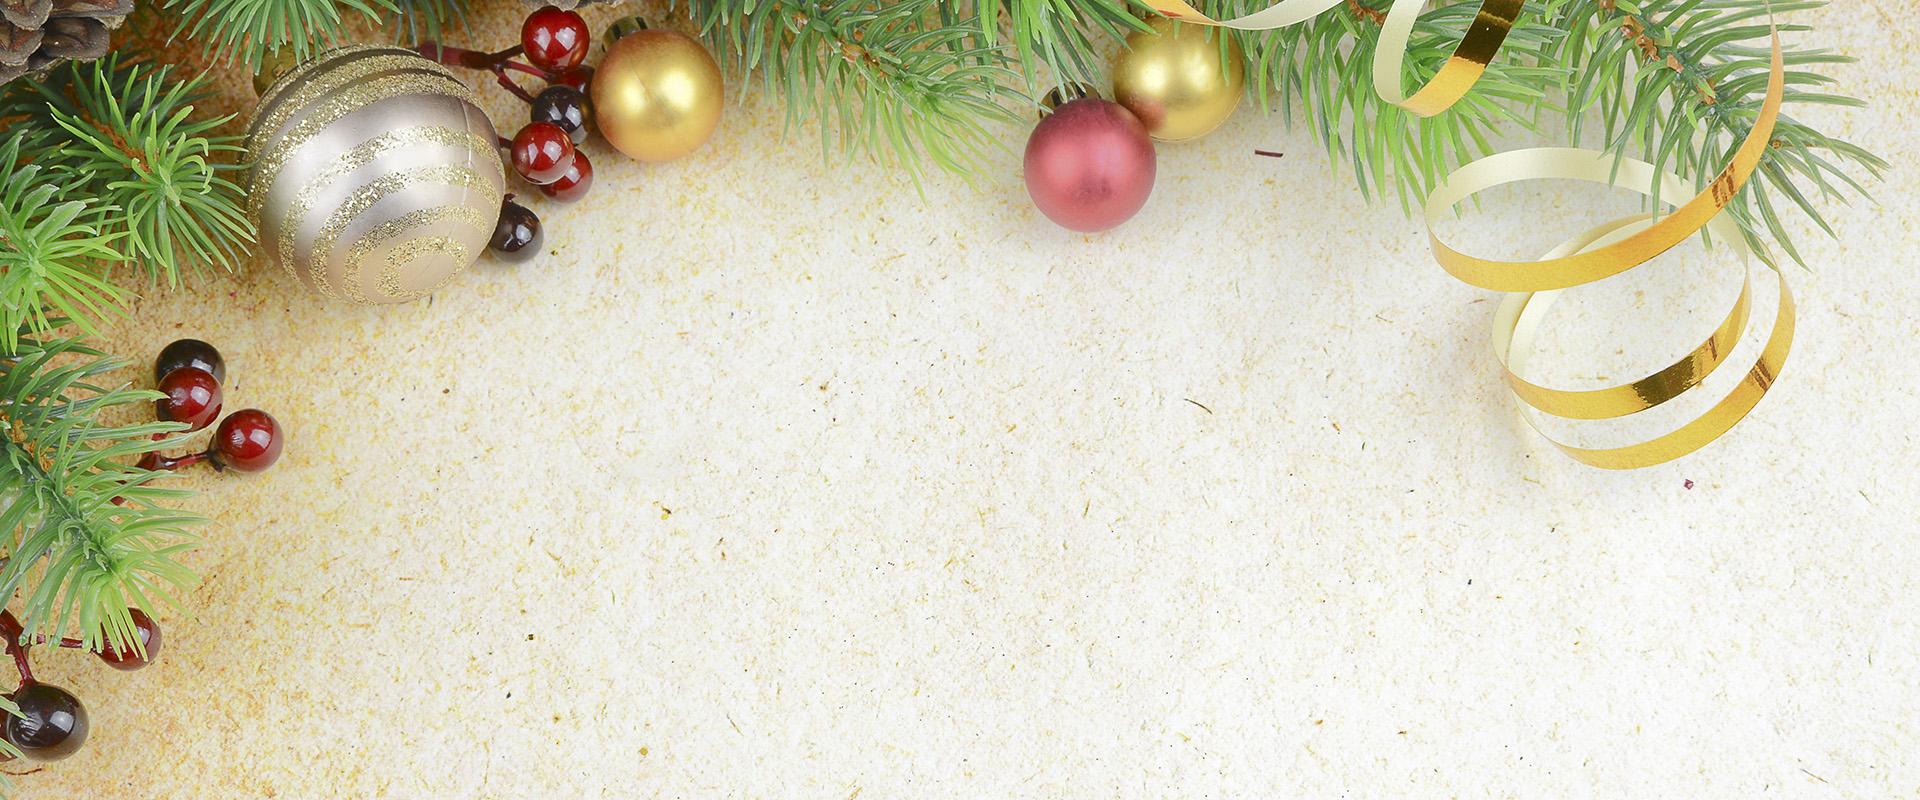 Weihnachts hintergrund Weihnachten Pompon Kiefer Hintergrund, Foto ...